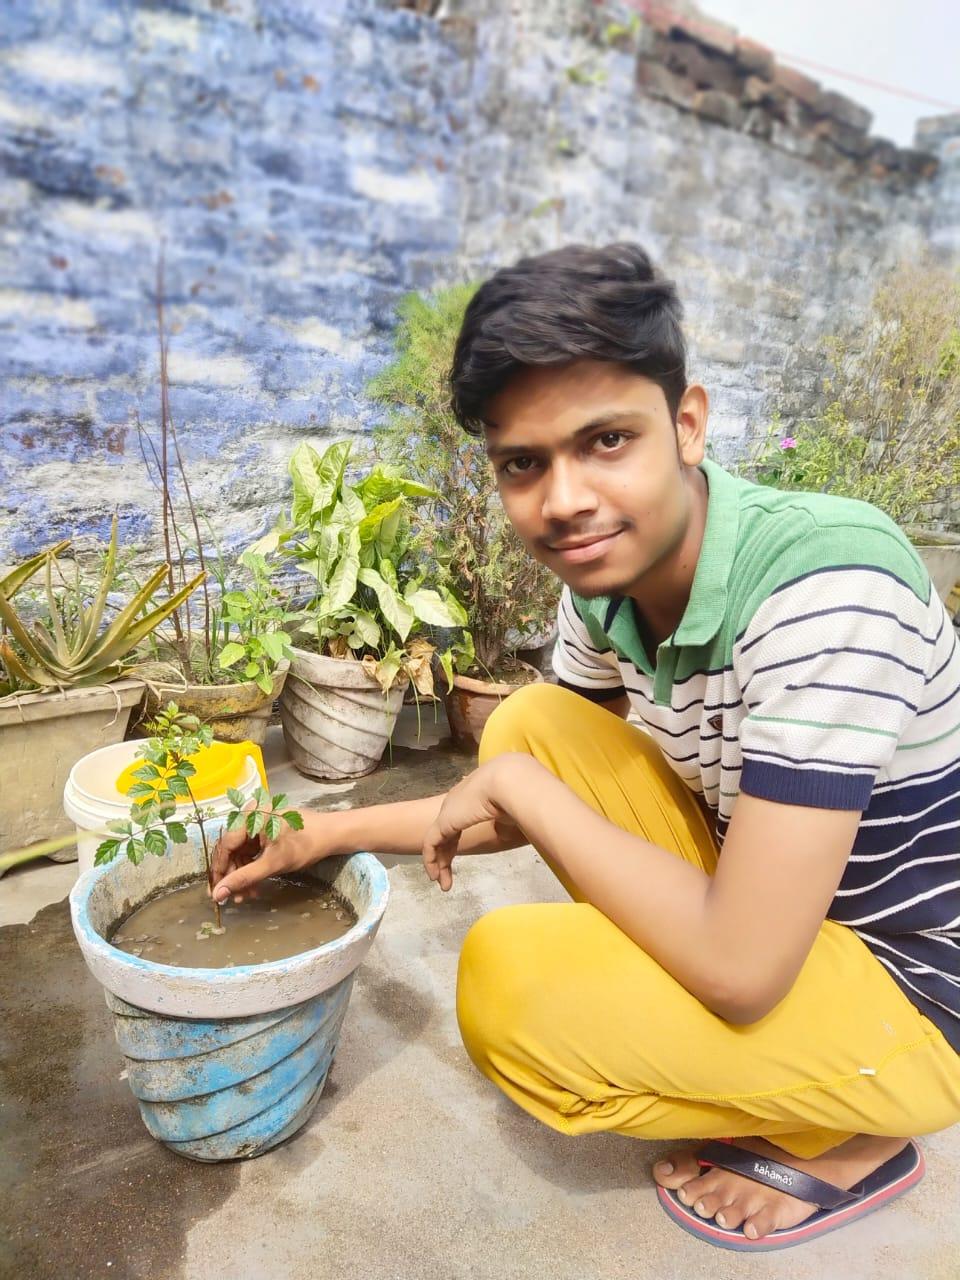 सीतापुर :  5 जून विश्व पर्यावरण दिवस पर विद्यालय द्वारा चलाया गया जागरूकता अभियान